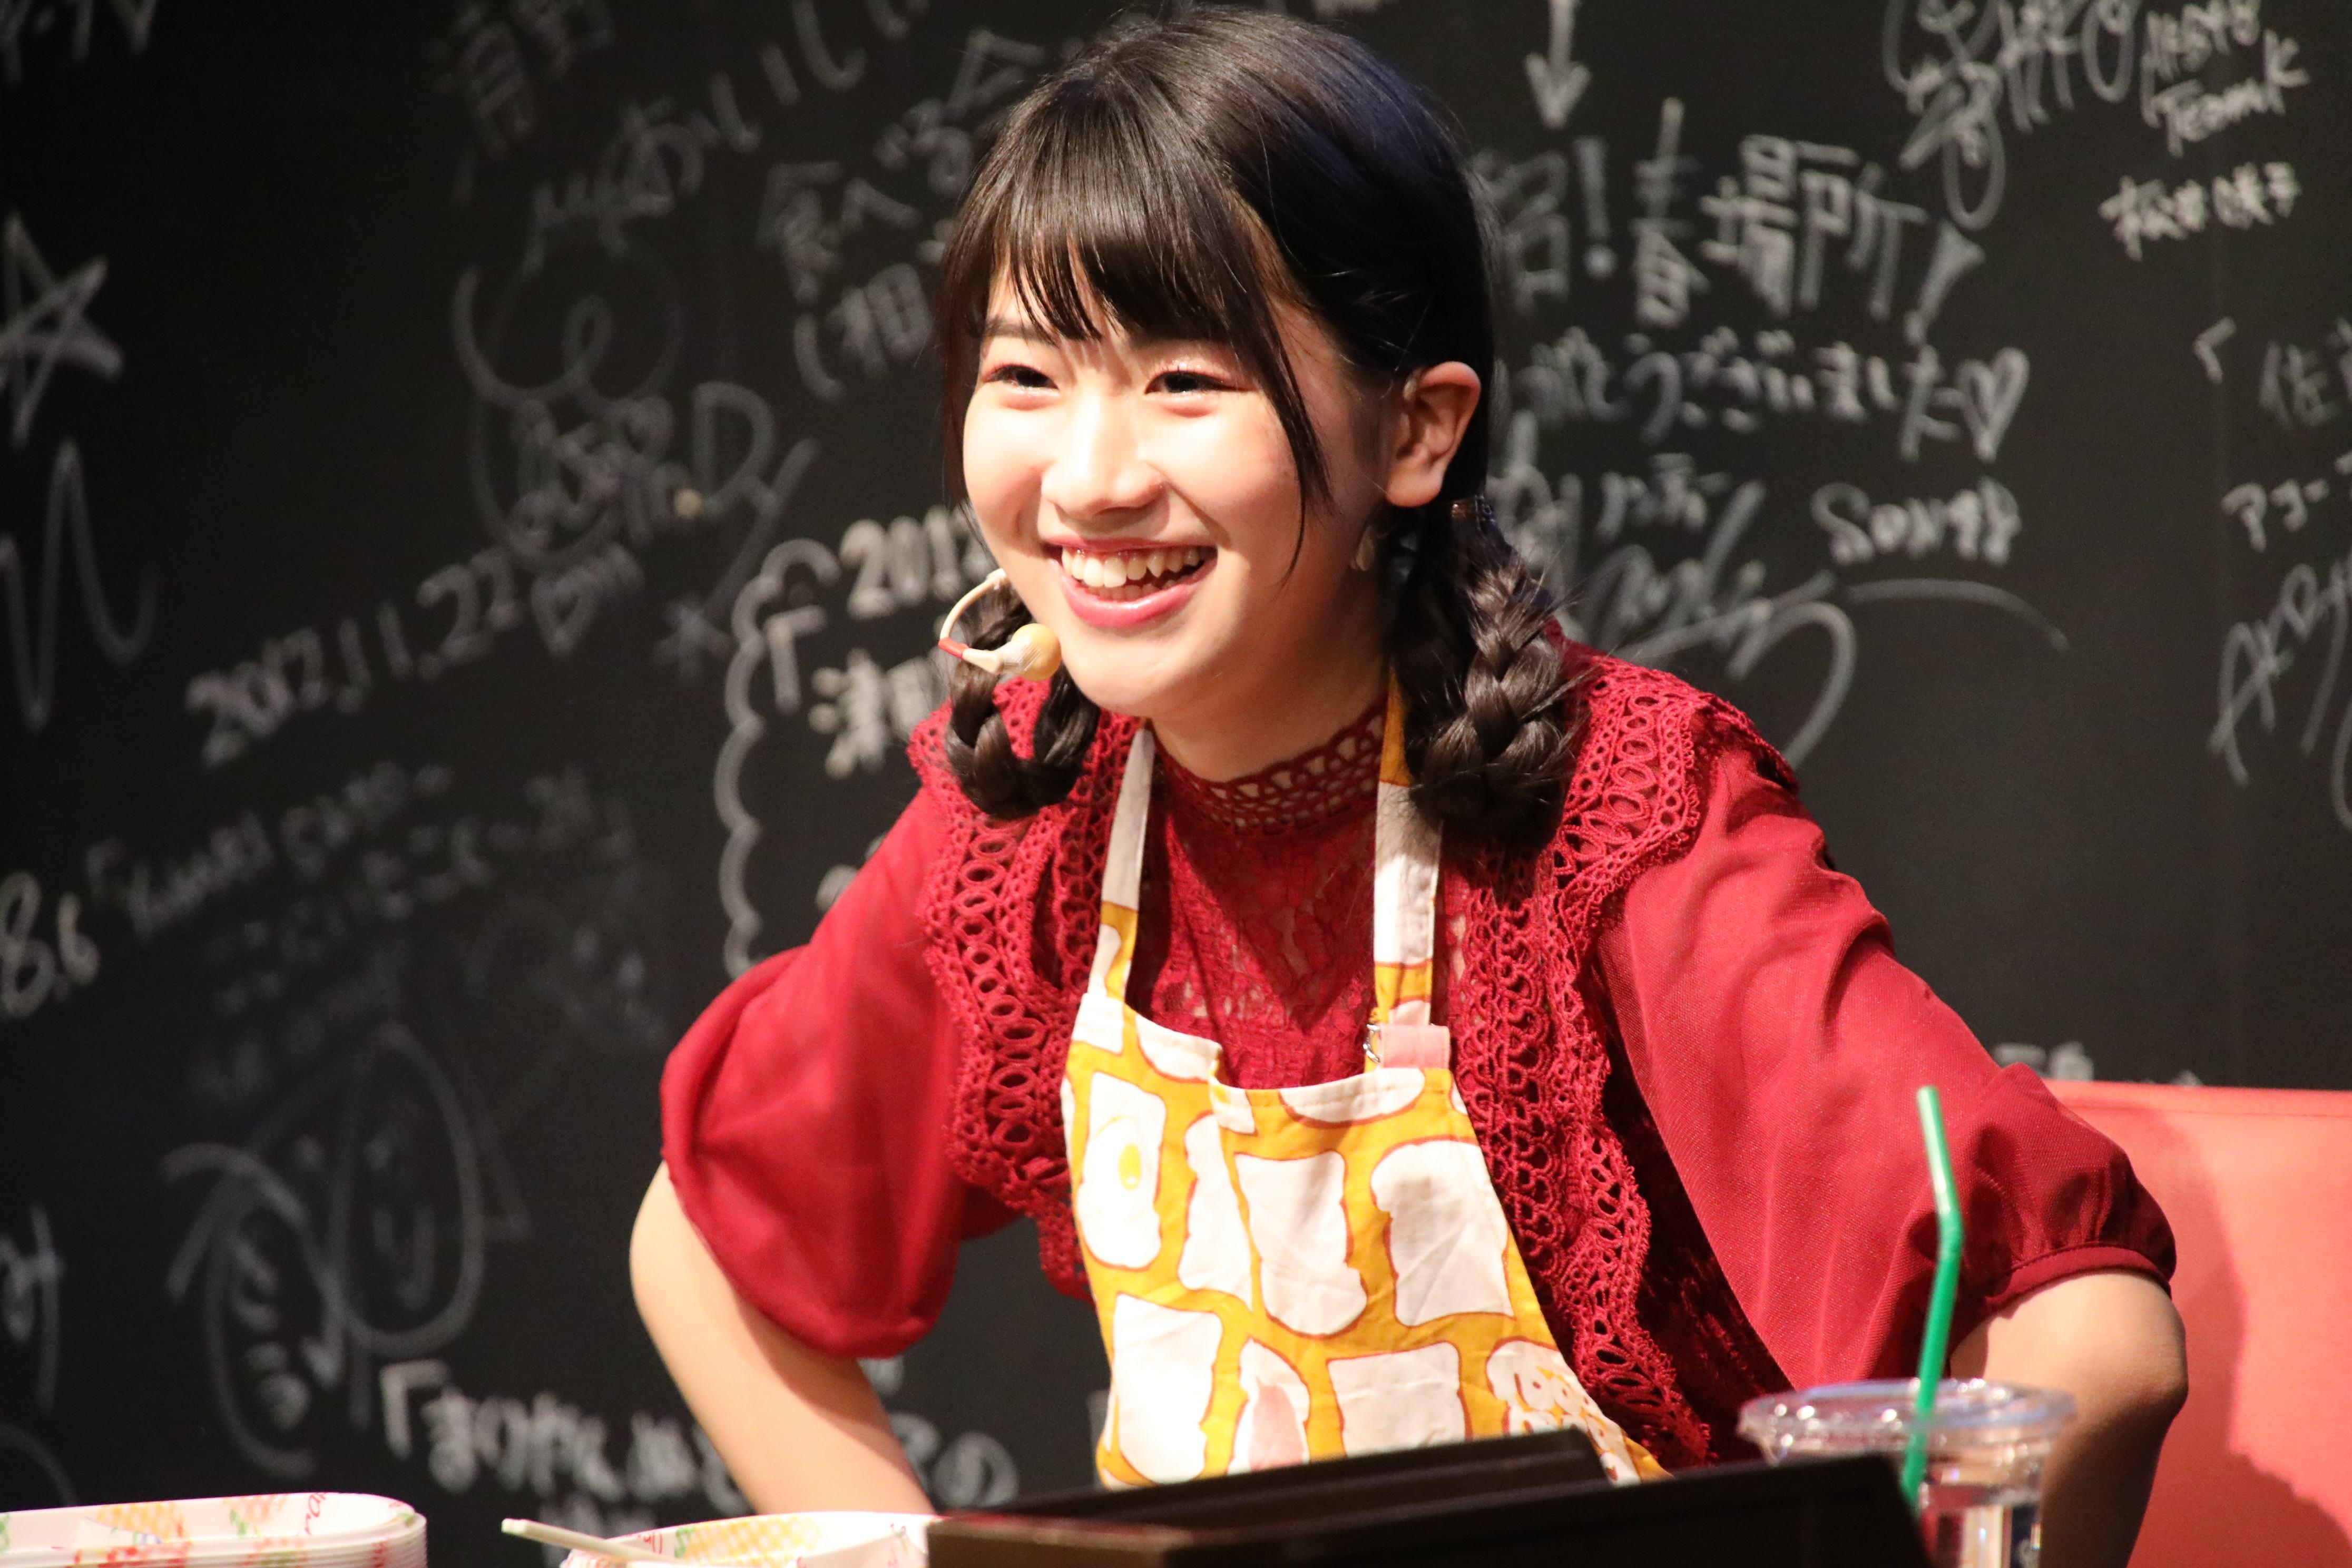 自身が作ったキーマカレーを食べながらファンと談笑する高橋彩香